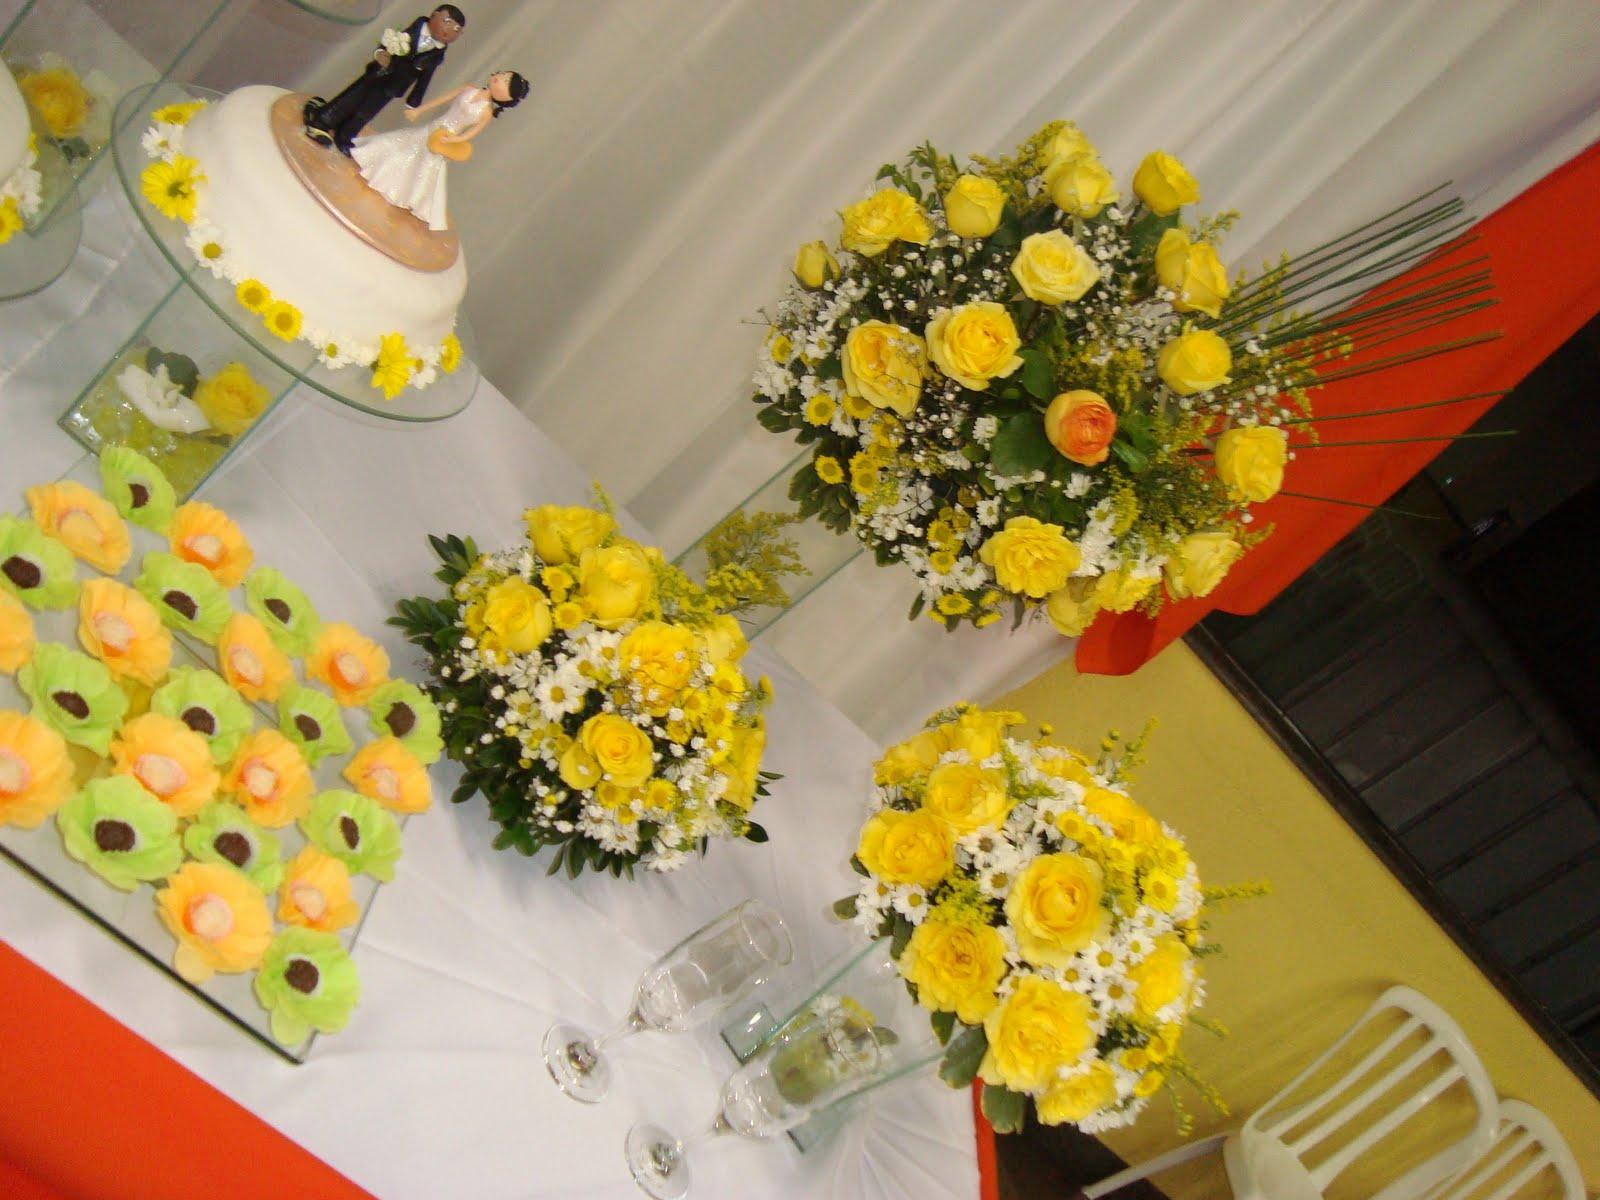 decoracao de noivado azul e amarelo simples : decoracao de noivado azul e amarelo simples: DE ARRANJO E DEIXE POR NOSSA CONTA POIS TODOS OS ARRANJOS SÃO COM